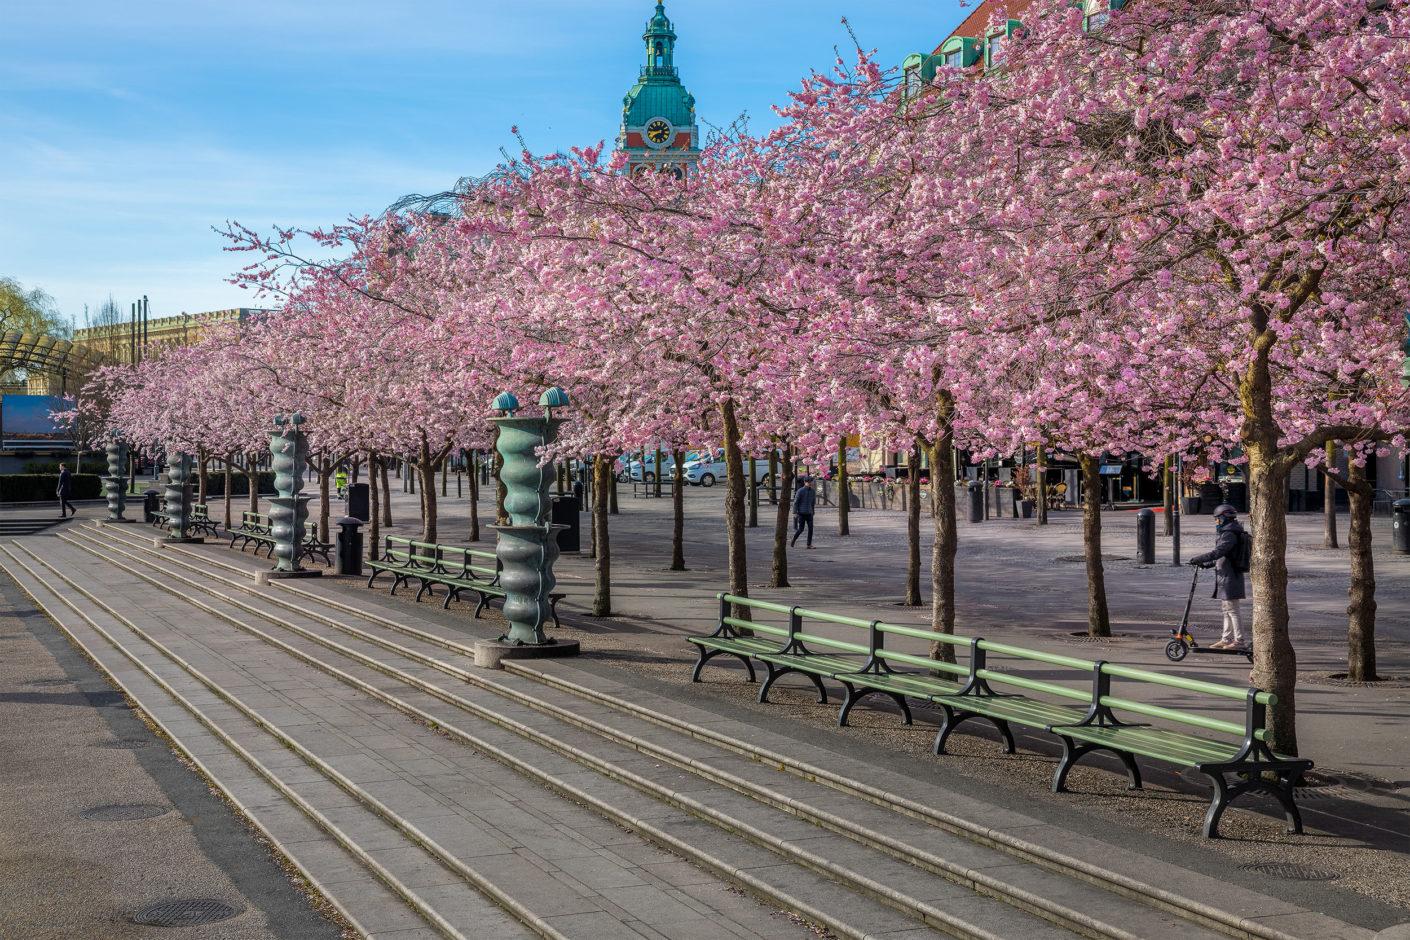 Nolas långsoffor från Kungsträdgården i Stockholm. Foto: Jann Lipka